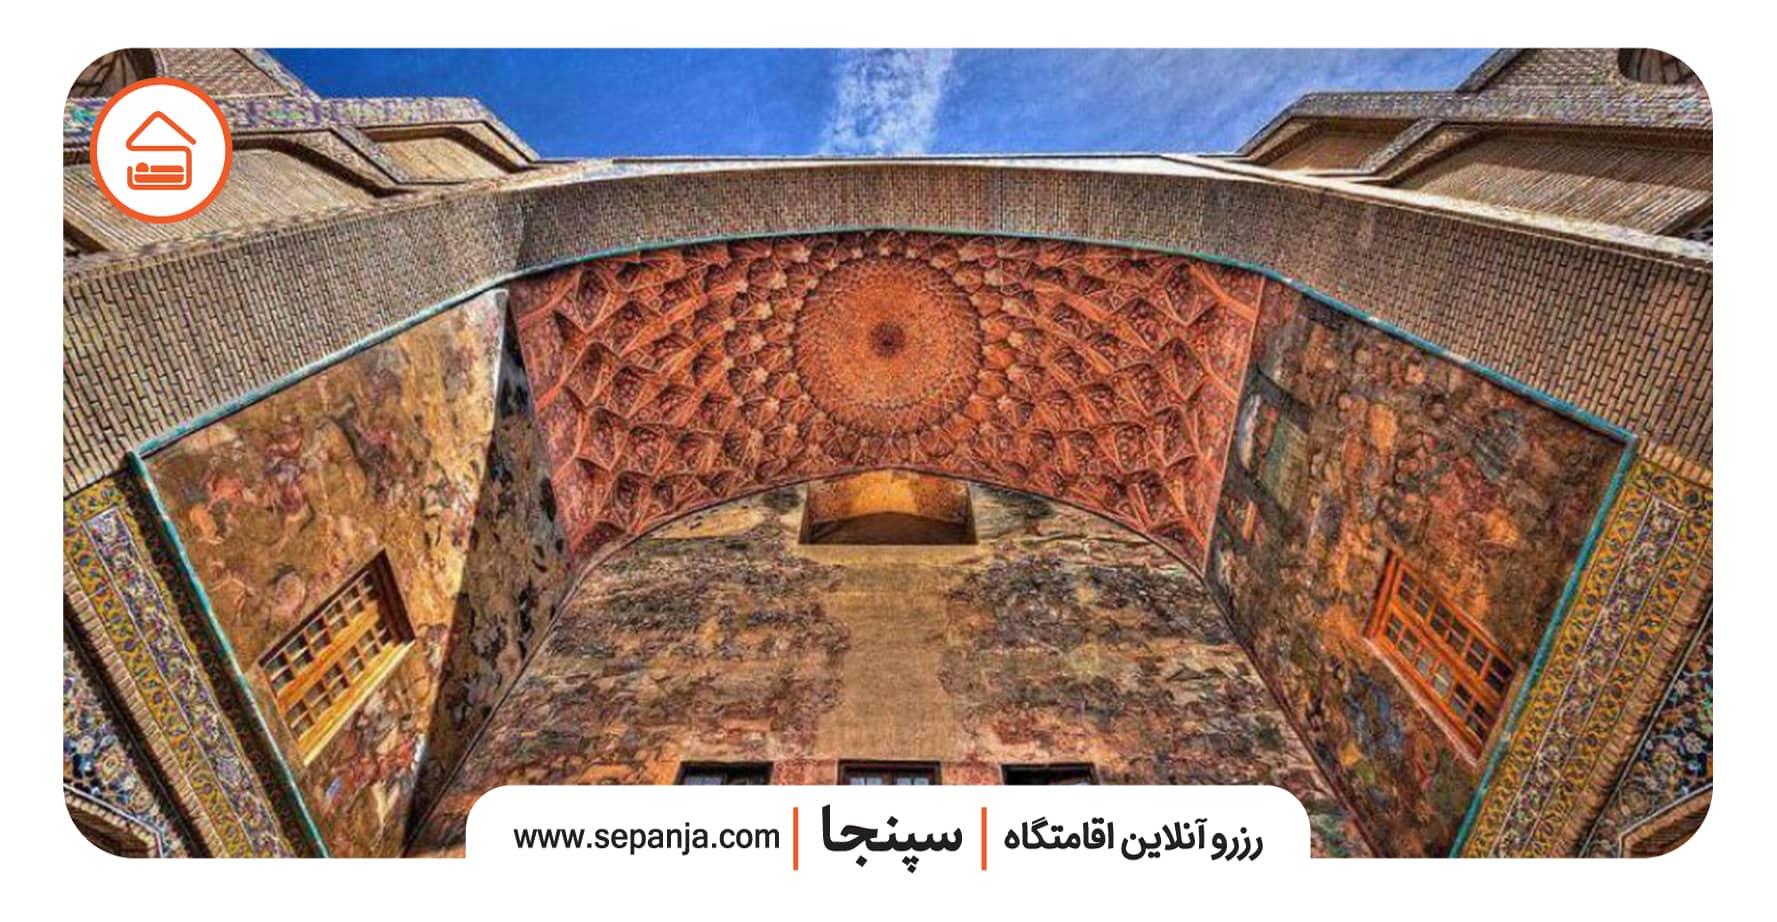 سر در قیصریه از بهترین جاهای دیدنی اصفهان